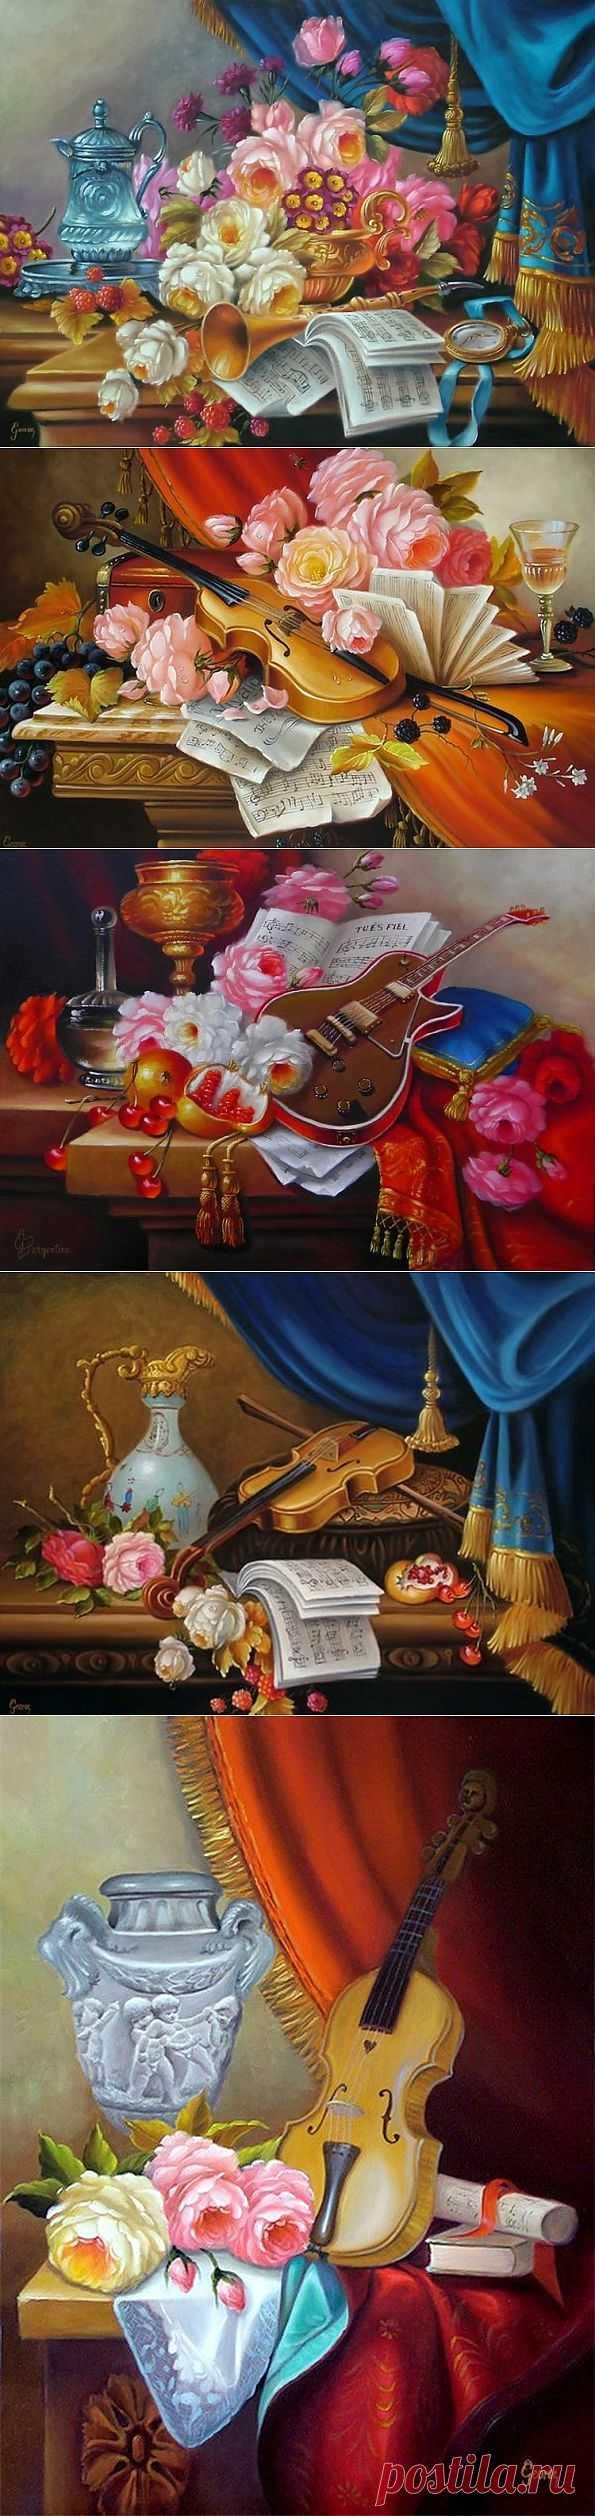 Бразильский художник George Pergentino de Souza.